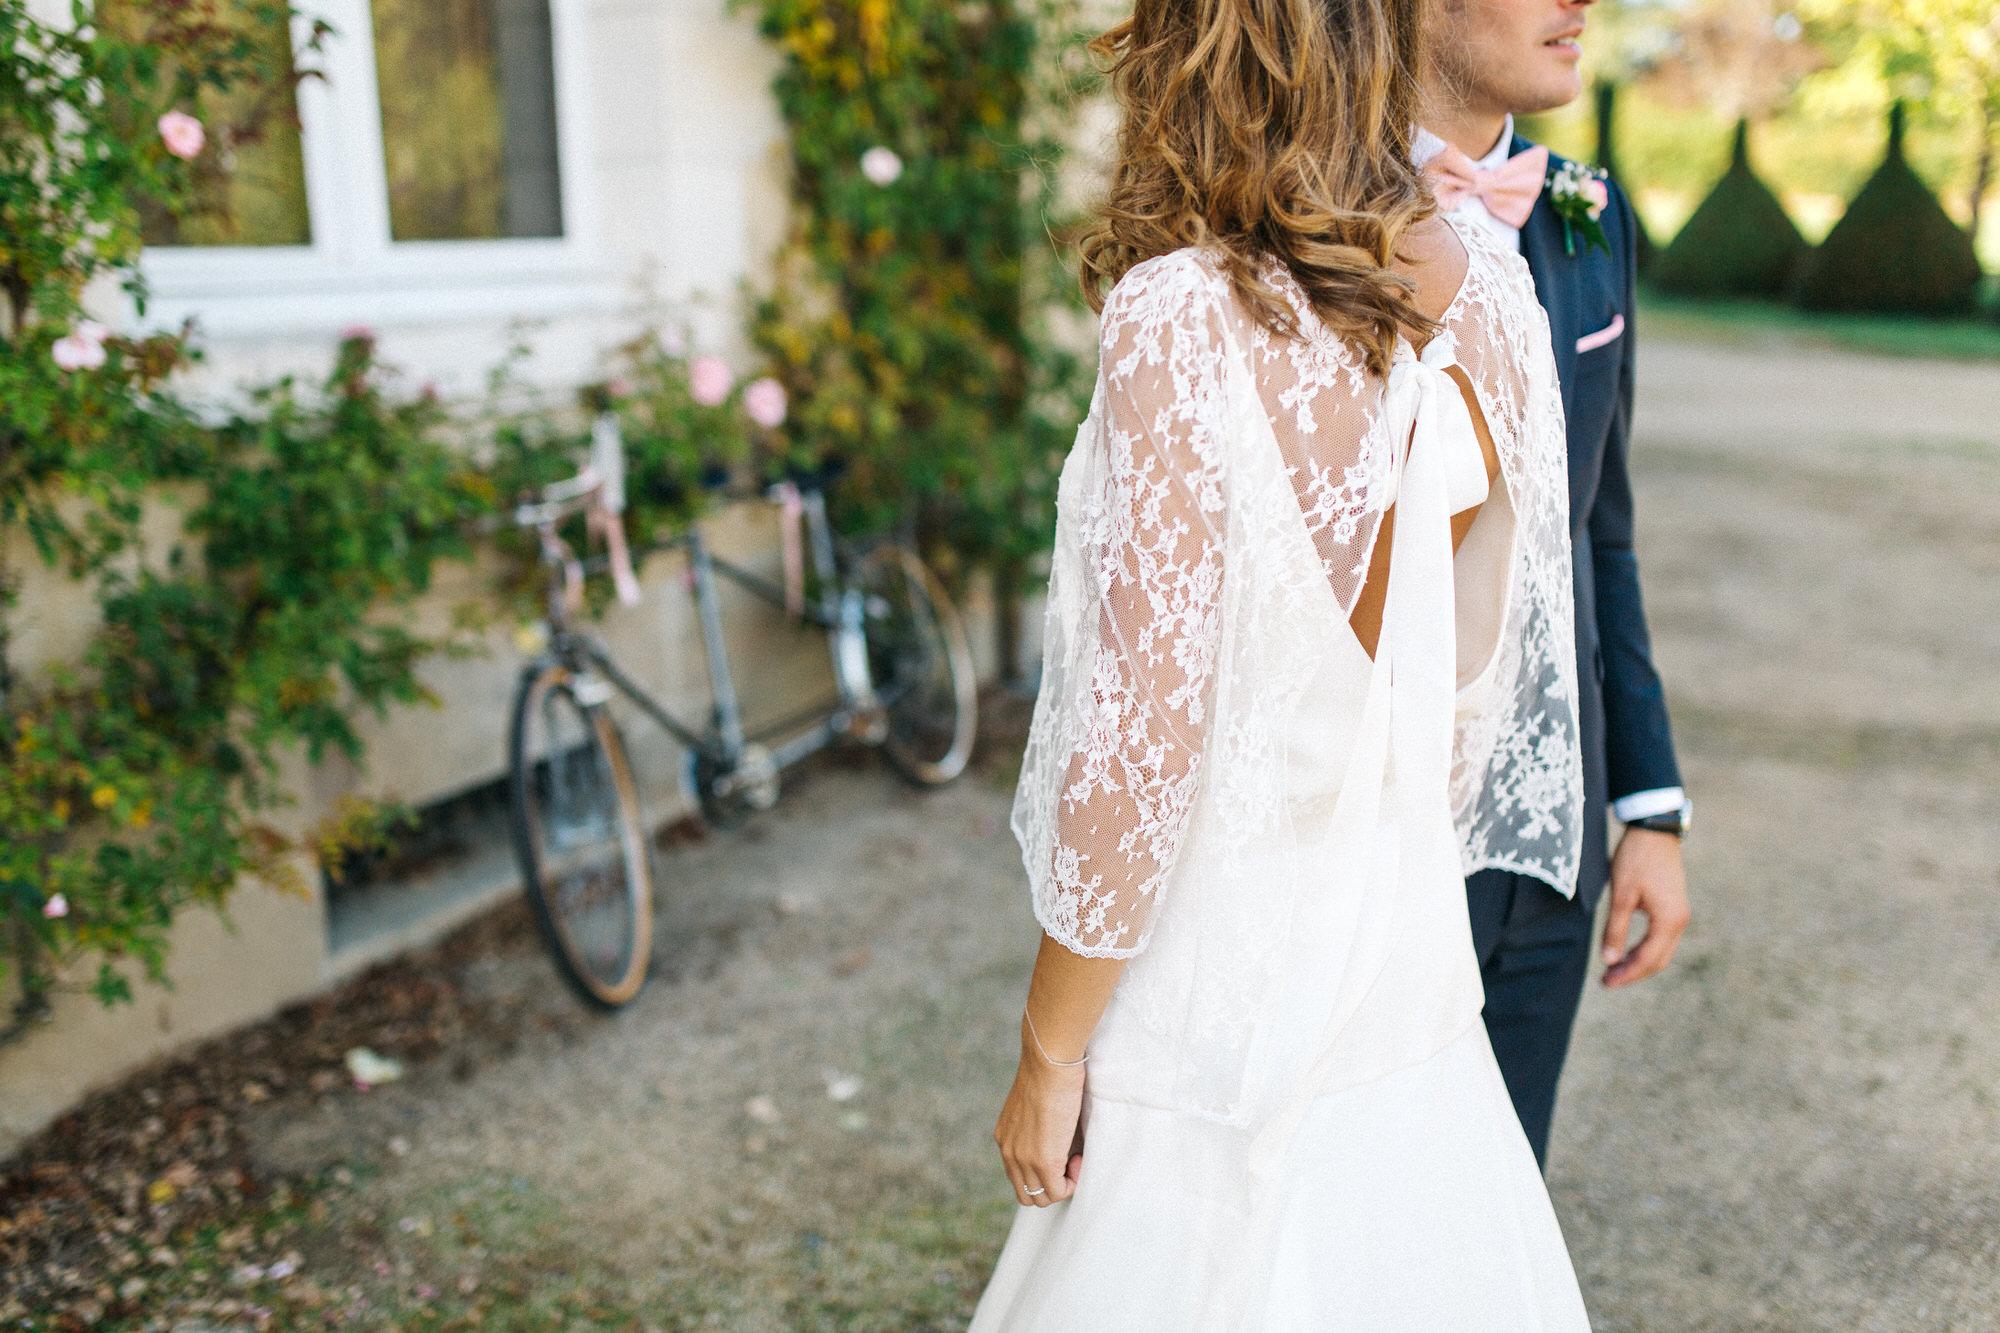 photographe-mariage-la-roche-sur-yon-25